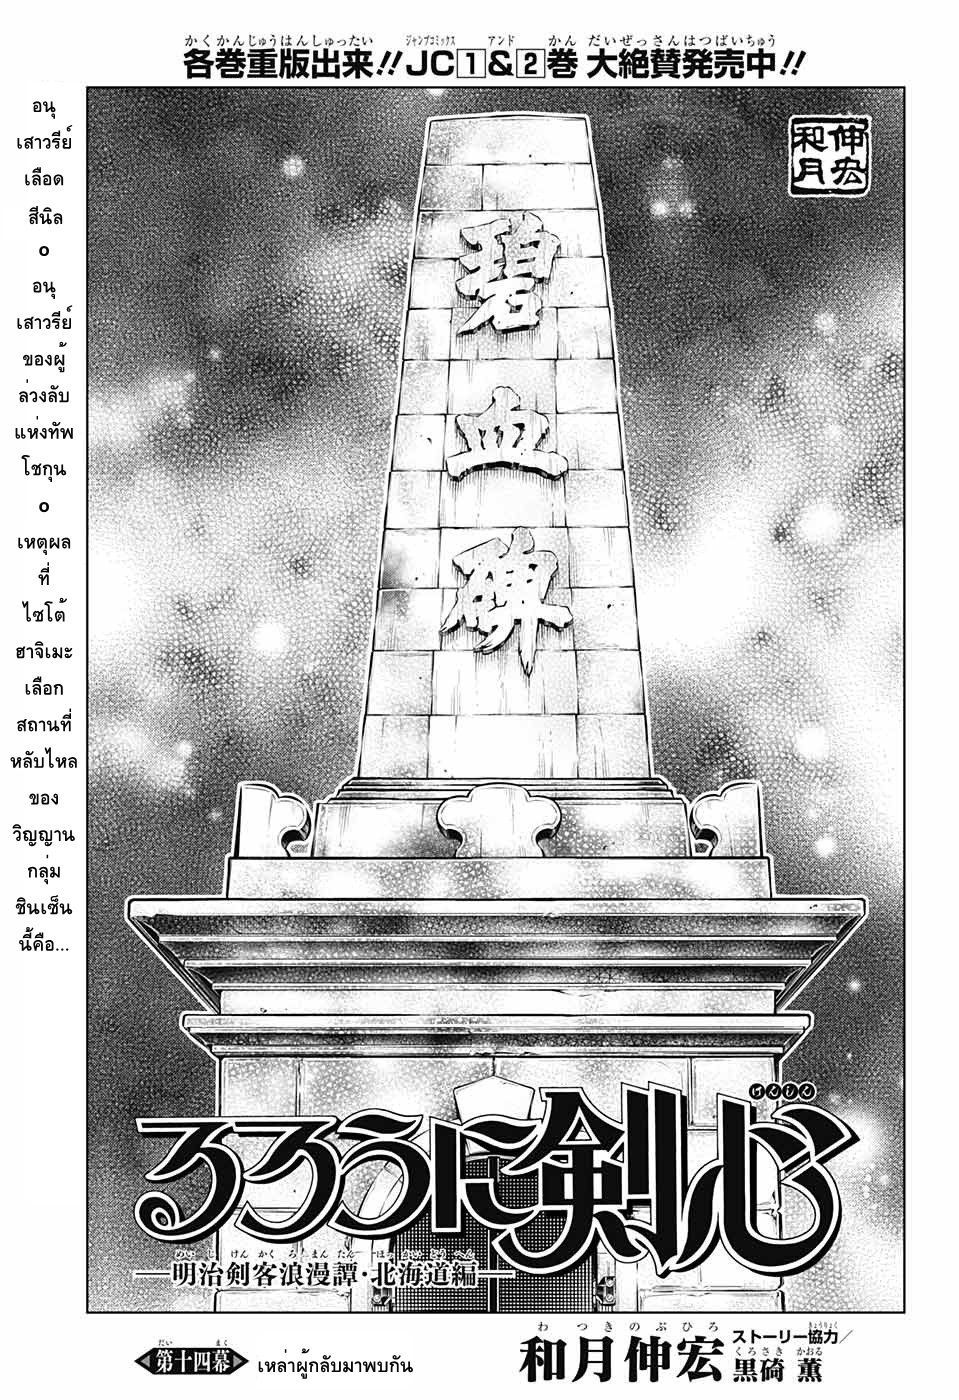 อ่านการ์ตูน Rurouni Kenshin: Hokkaido Arc ตอนที่ 14 หน้าที่ 1